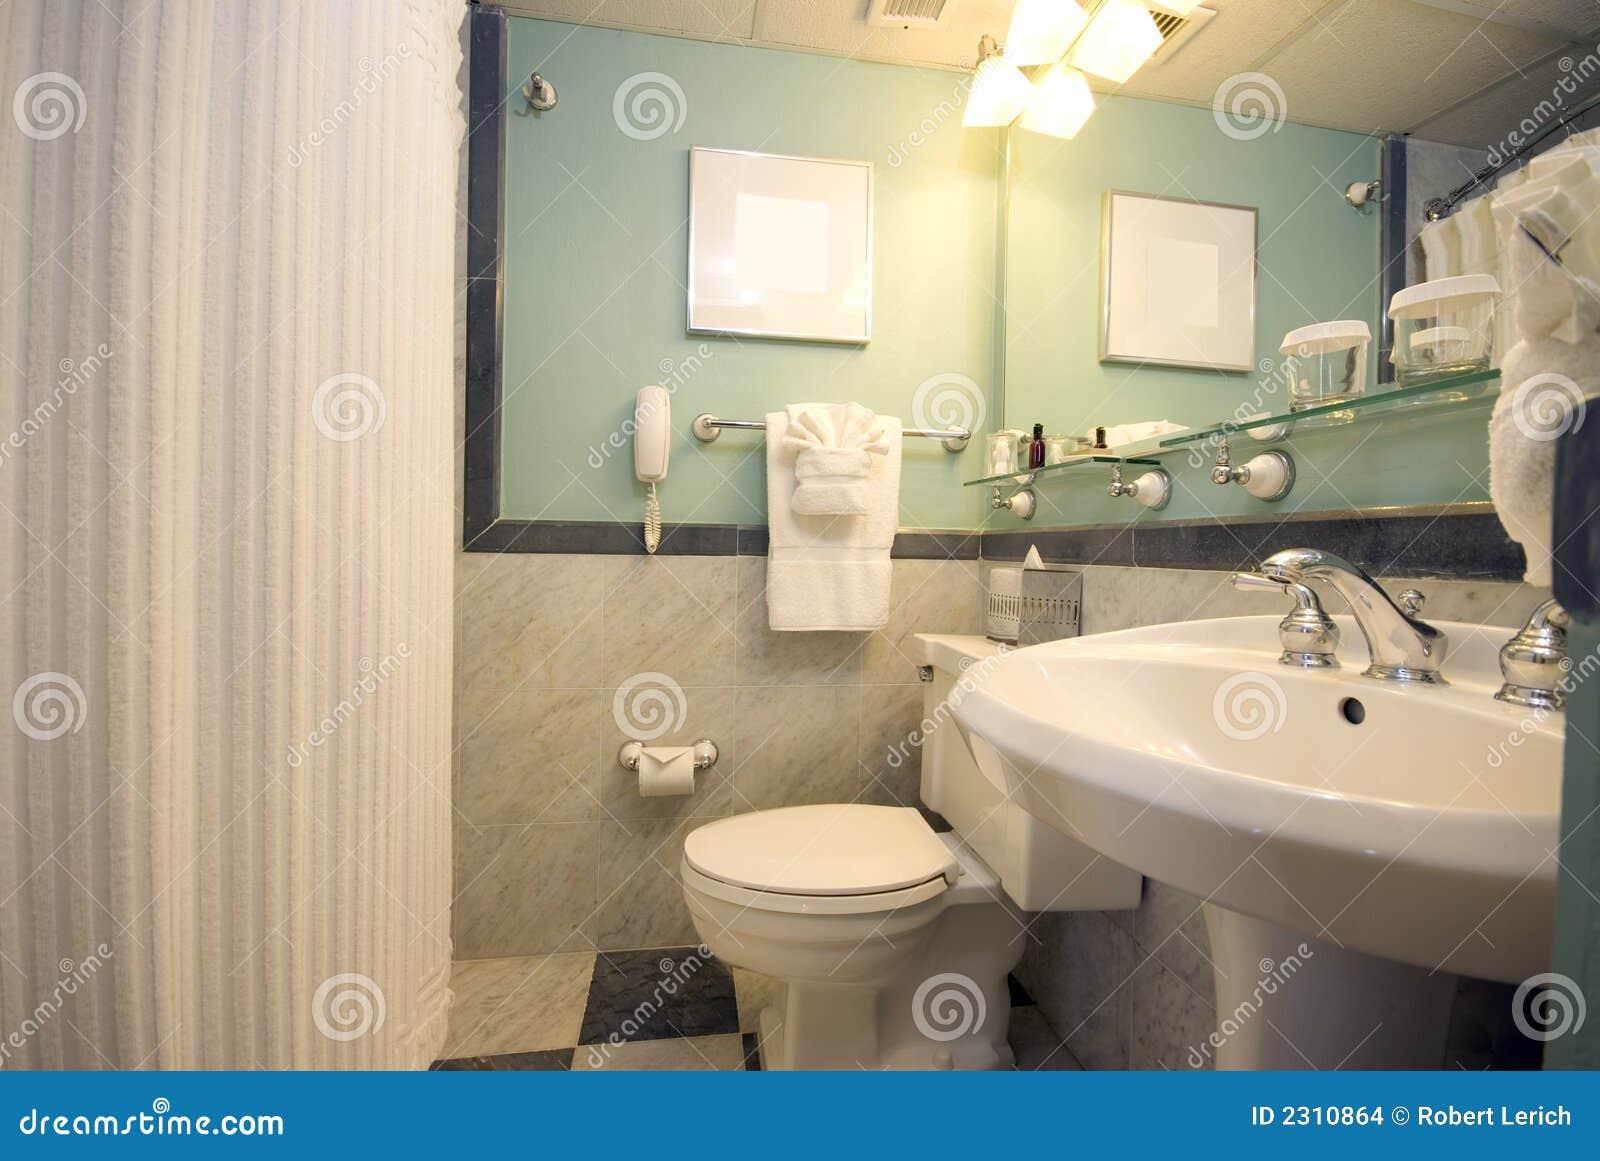 Banheiro Do Hotel De Luxo Imagens de Stock Imagem: 2310864 #82A328 1300x960 Acessorios Para Banheiro De Luxo